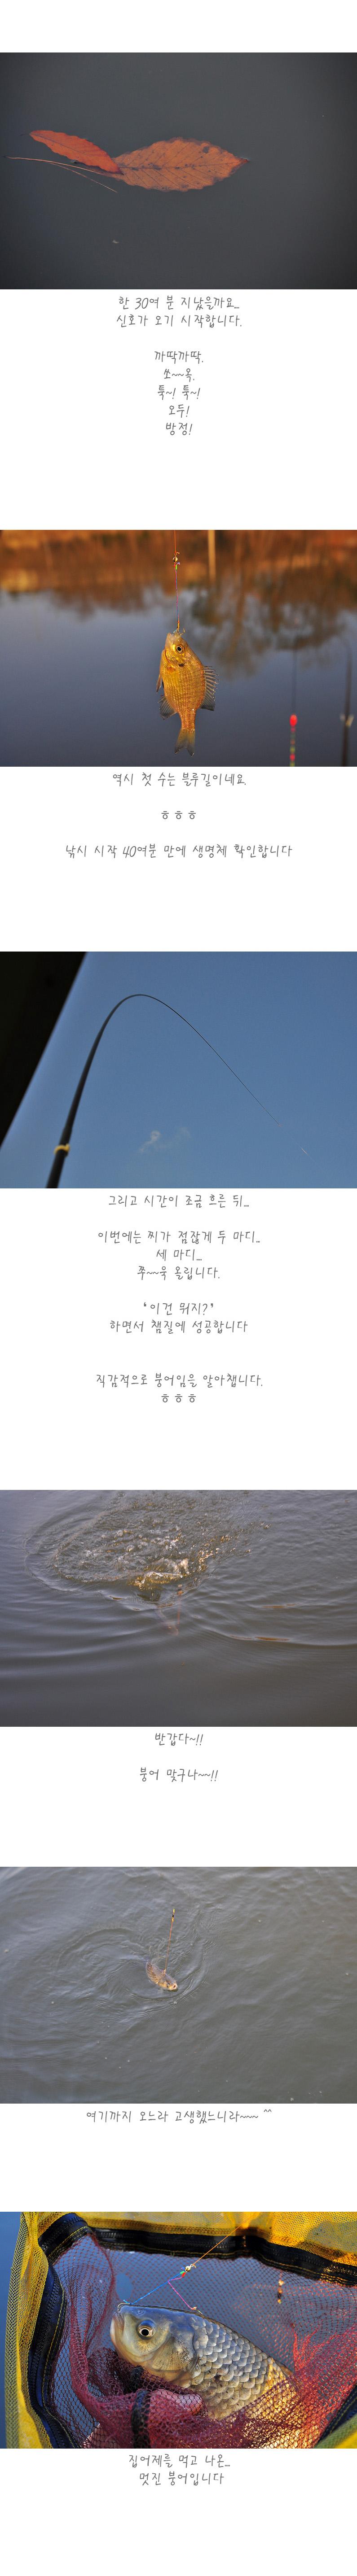 반제지 - 05.jpg